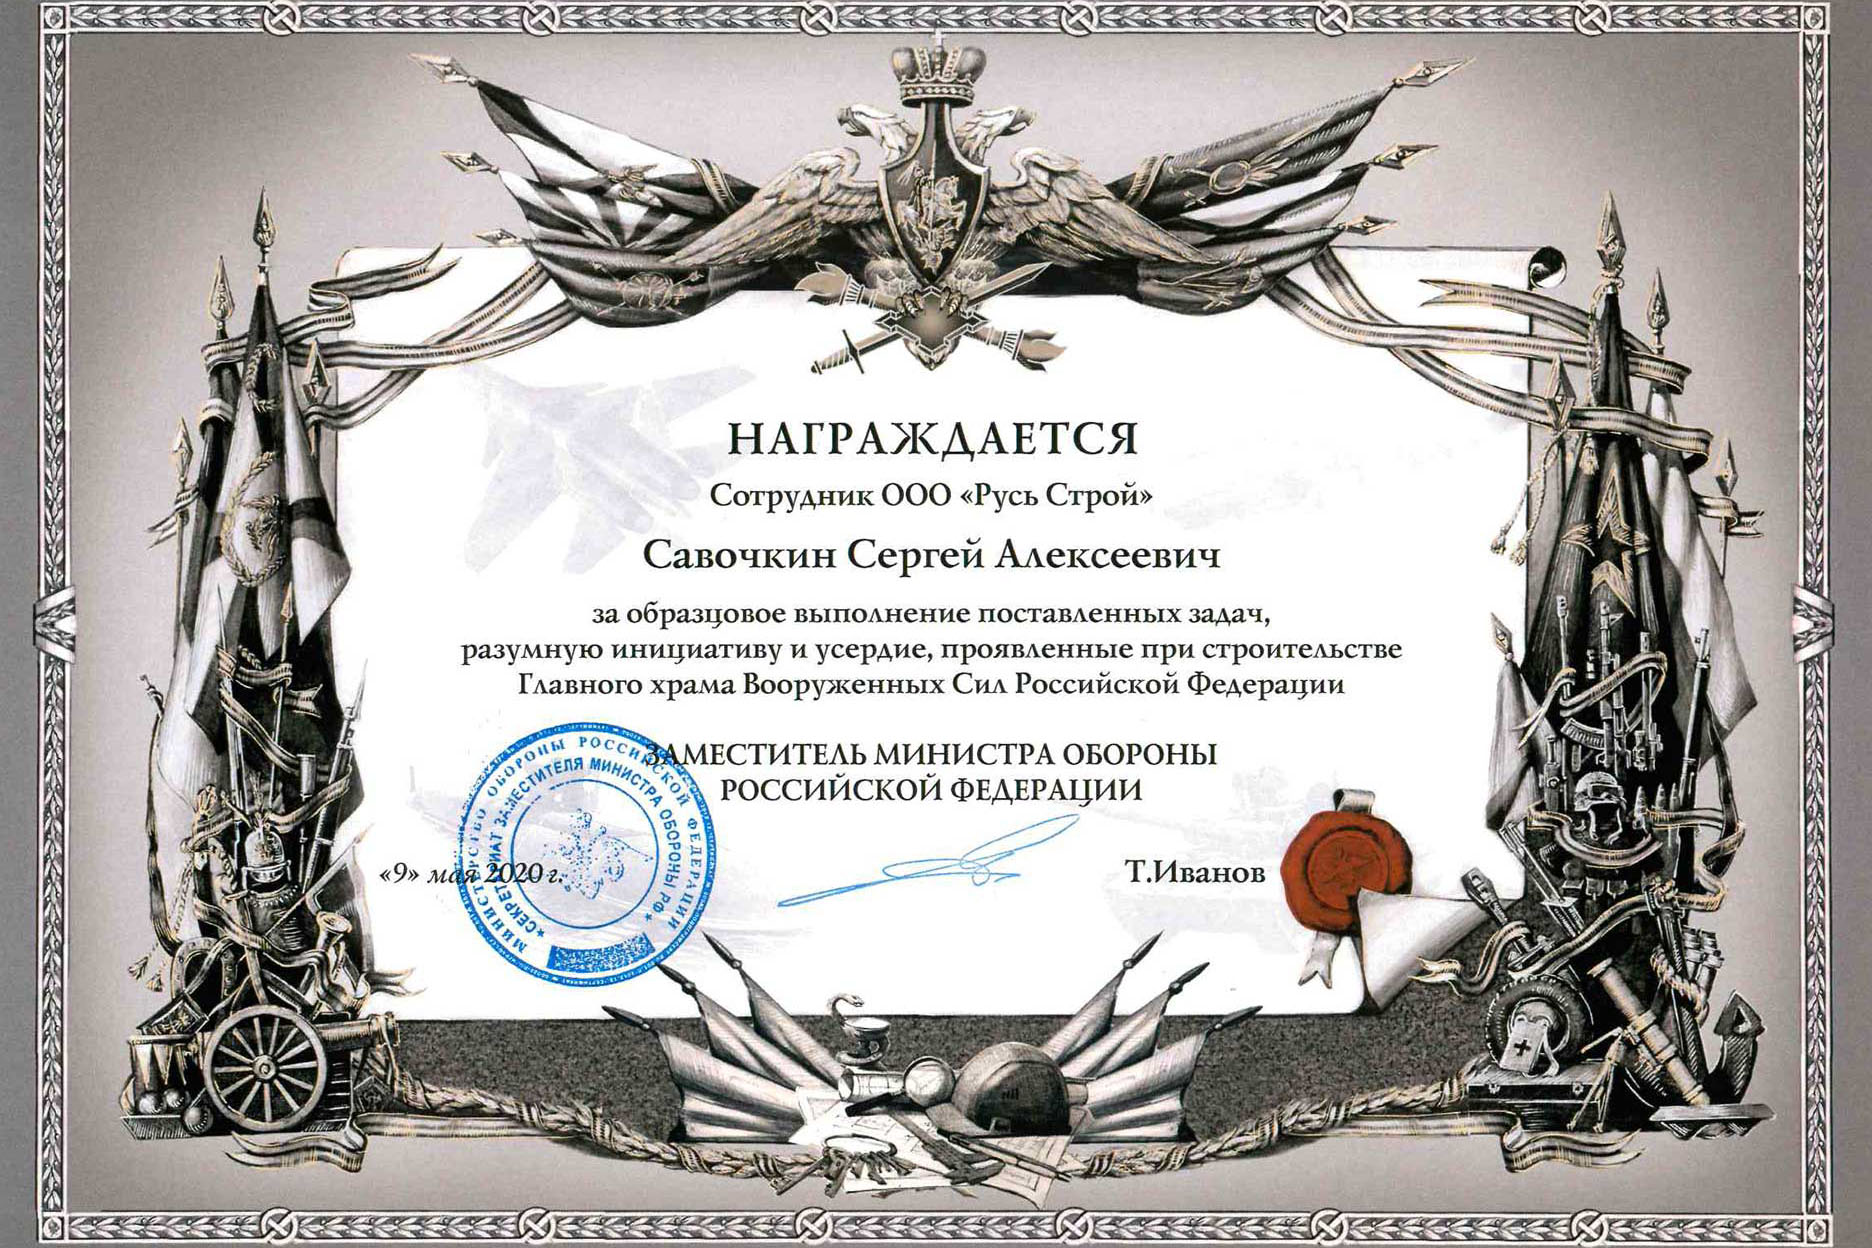 Строительство объектов ООО Рус Строй